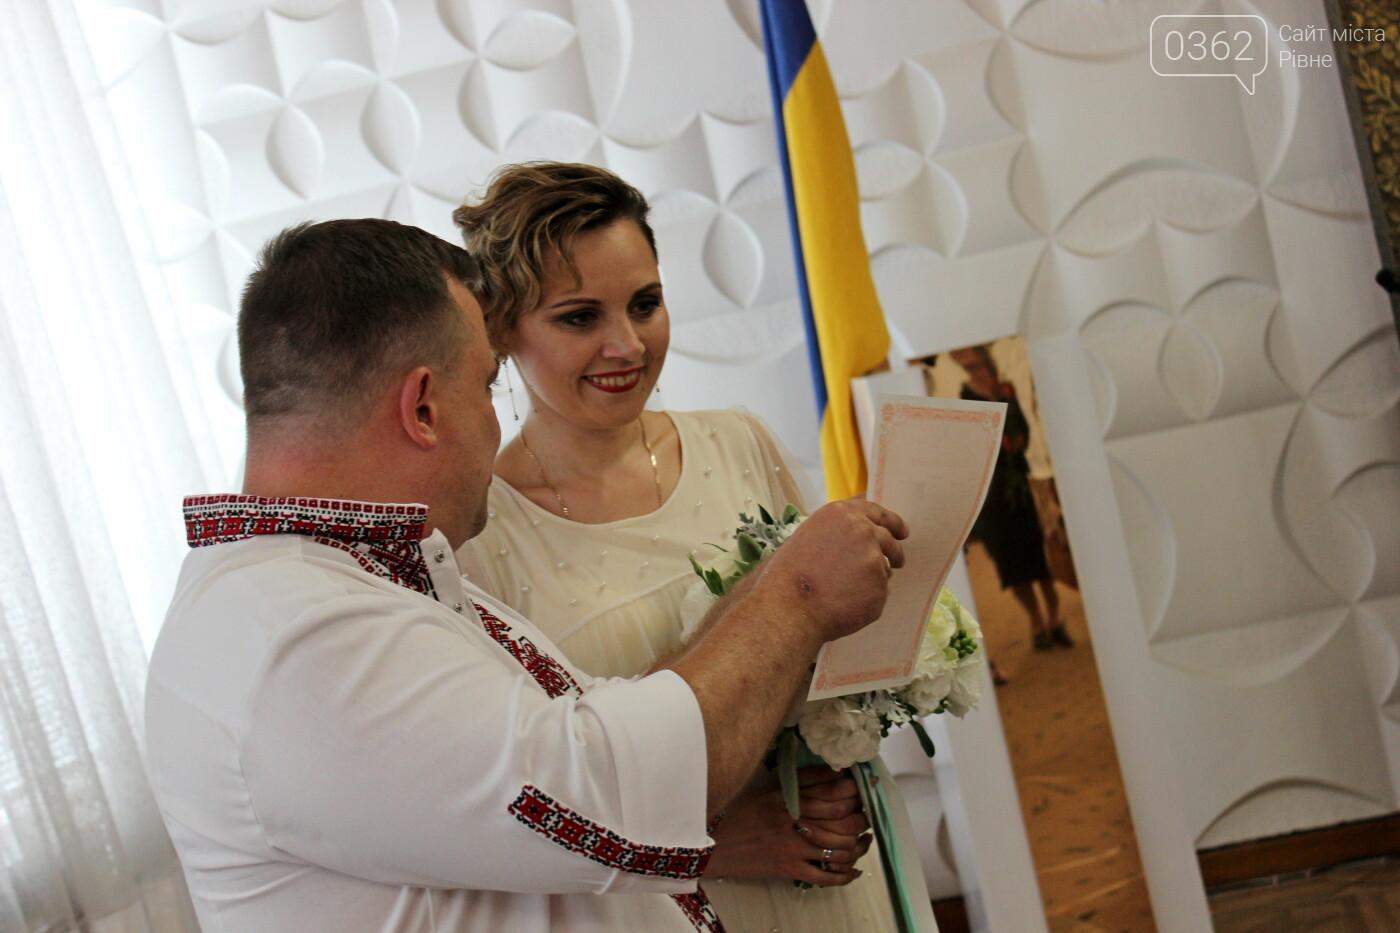 Власник рівненського сайту 0362.ua одружився вдруге (ФОТОРЕПОРТАЖ) , фото-13